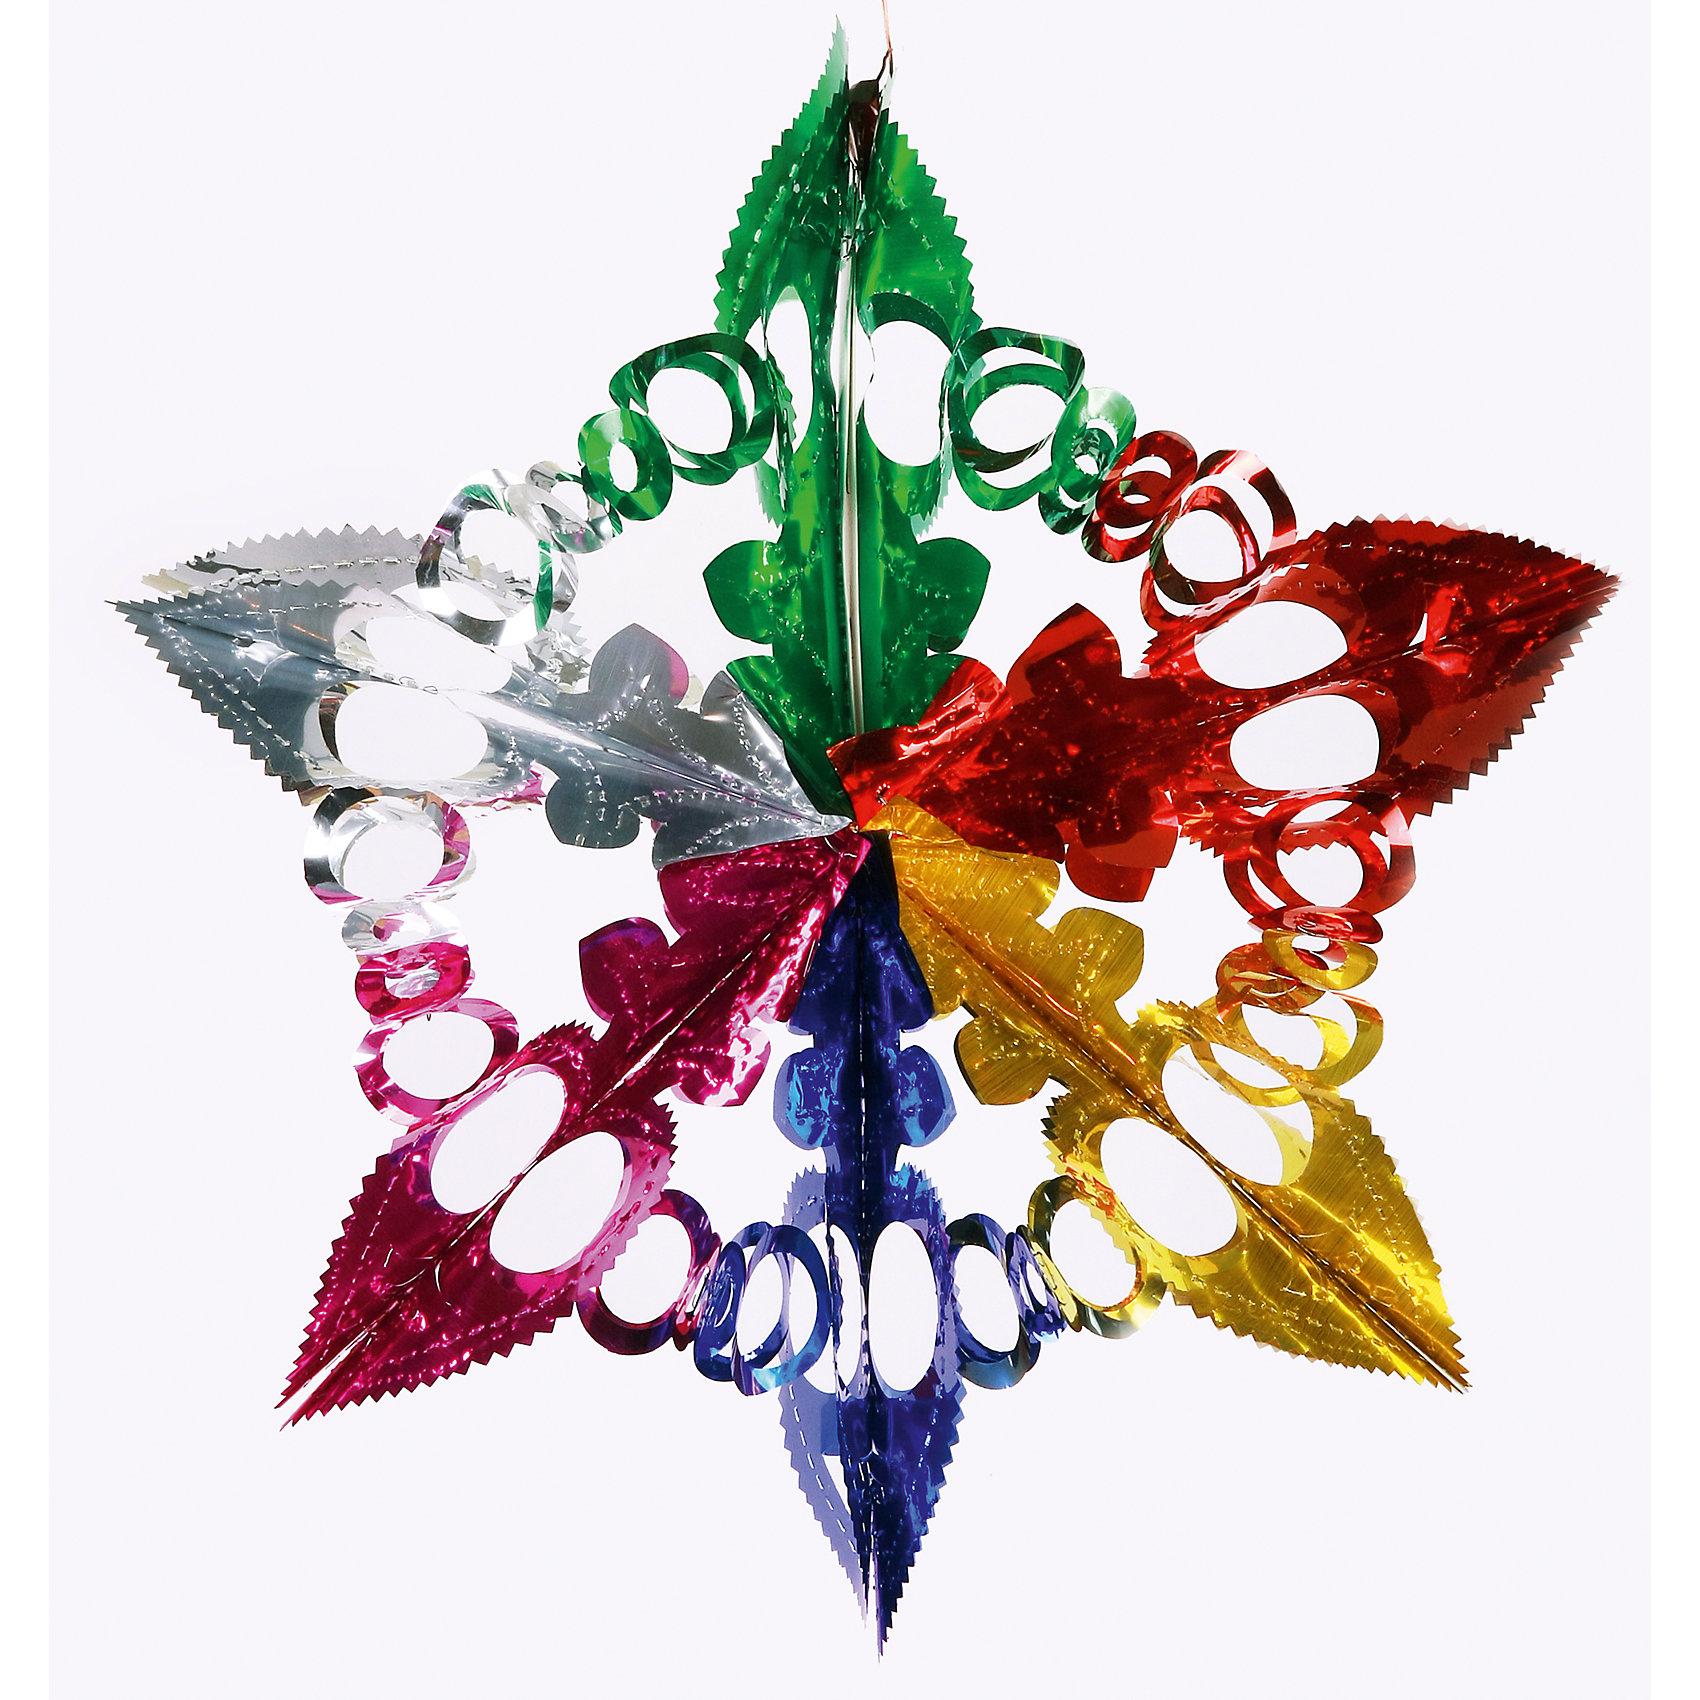 Гирлянда Ажурная снежинка 11*19 смНовинки Новый Год<br>Гирлянда Ажурная снежинка, Феникс-презент, станет замечательным украшением Вашей новогодней елки или интерьера и поможет создать волшебную атмосферу новогодних праздников. Гирлянда выполнена в виде роскошной ажурной снежинки с разноцветными лучами, она<br>будет чудесно смотреться на елке и радовать детей и взрослых. <br><br><br>Дополнительная информация:<br><br>- Материал: ПЭТ (полиэтилентерефталат).<br>- Размер гирлянды: 11 х 19 см.<br>- Вес: 18 гр. <br><br>Гирлянду Ажурная снежинка, Феникс-презент, можно купить в нашем интернет-магазине.<br><br>Ширина мм: 5<br>Глубина мм: 130<br>Высота мм: 400<br>Вес г: 18<br>Возраст от месяцев: 36<br>Возраст до месяцев: 2147483647<br>Пол: Унисекс<br>Возраст: Детский<br>SKU: 4274688